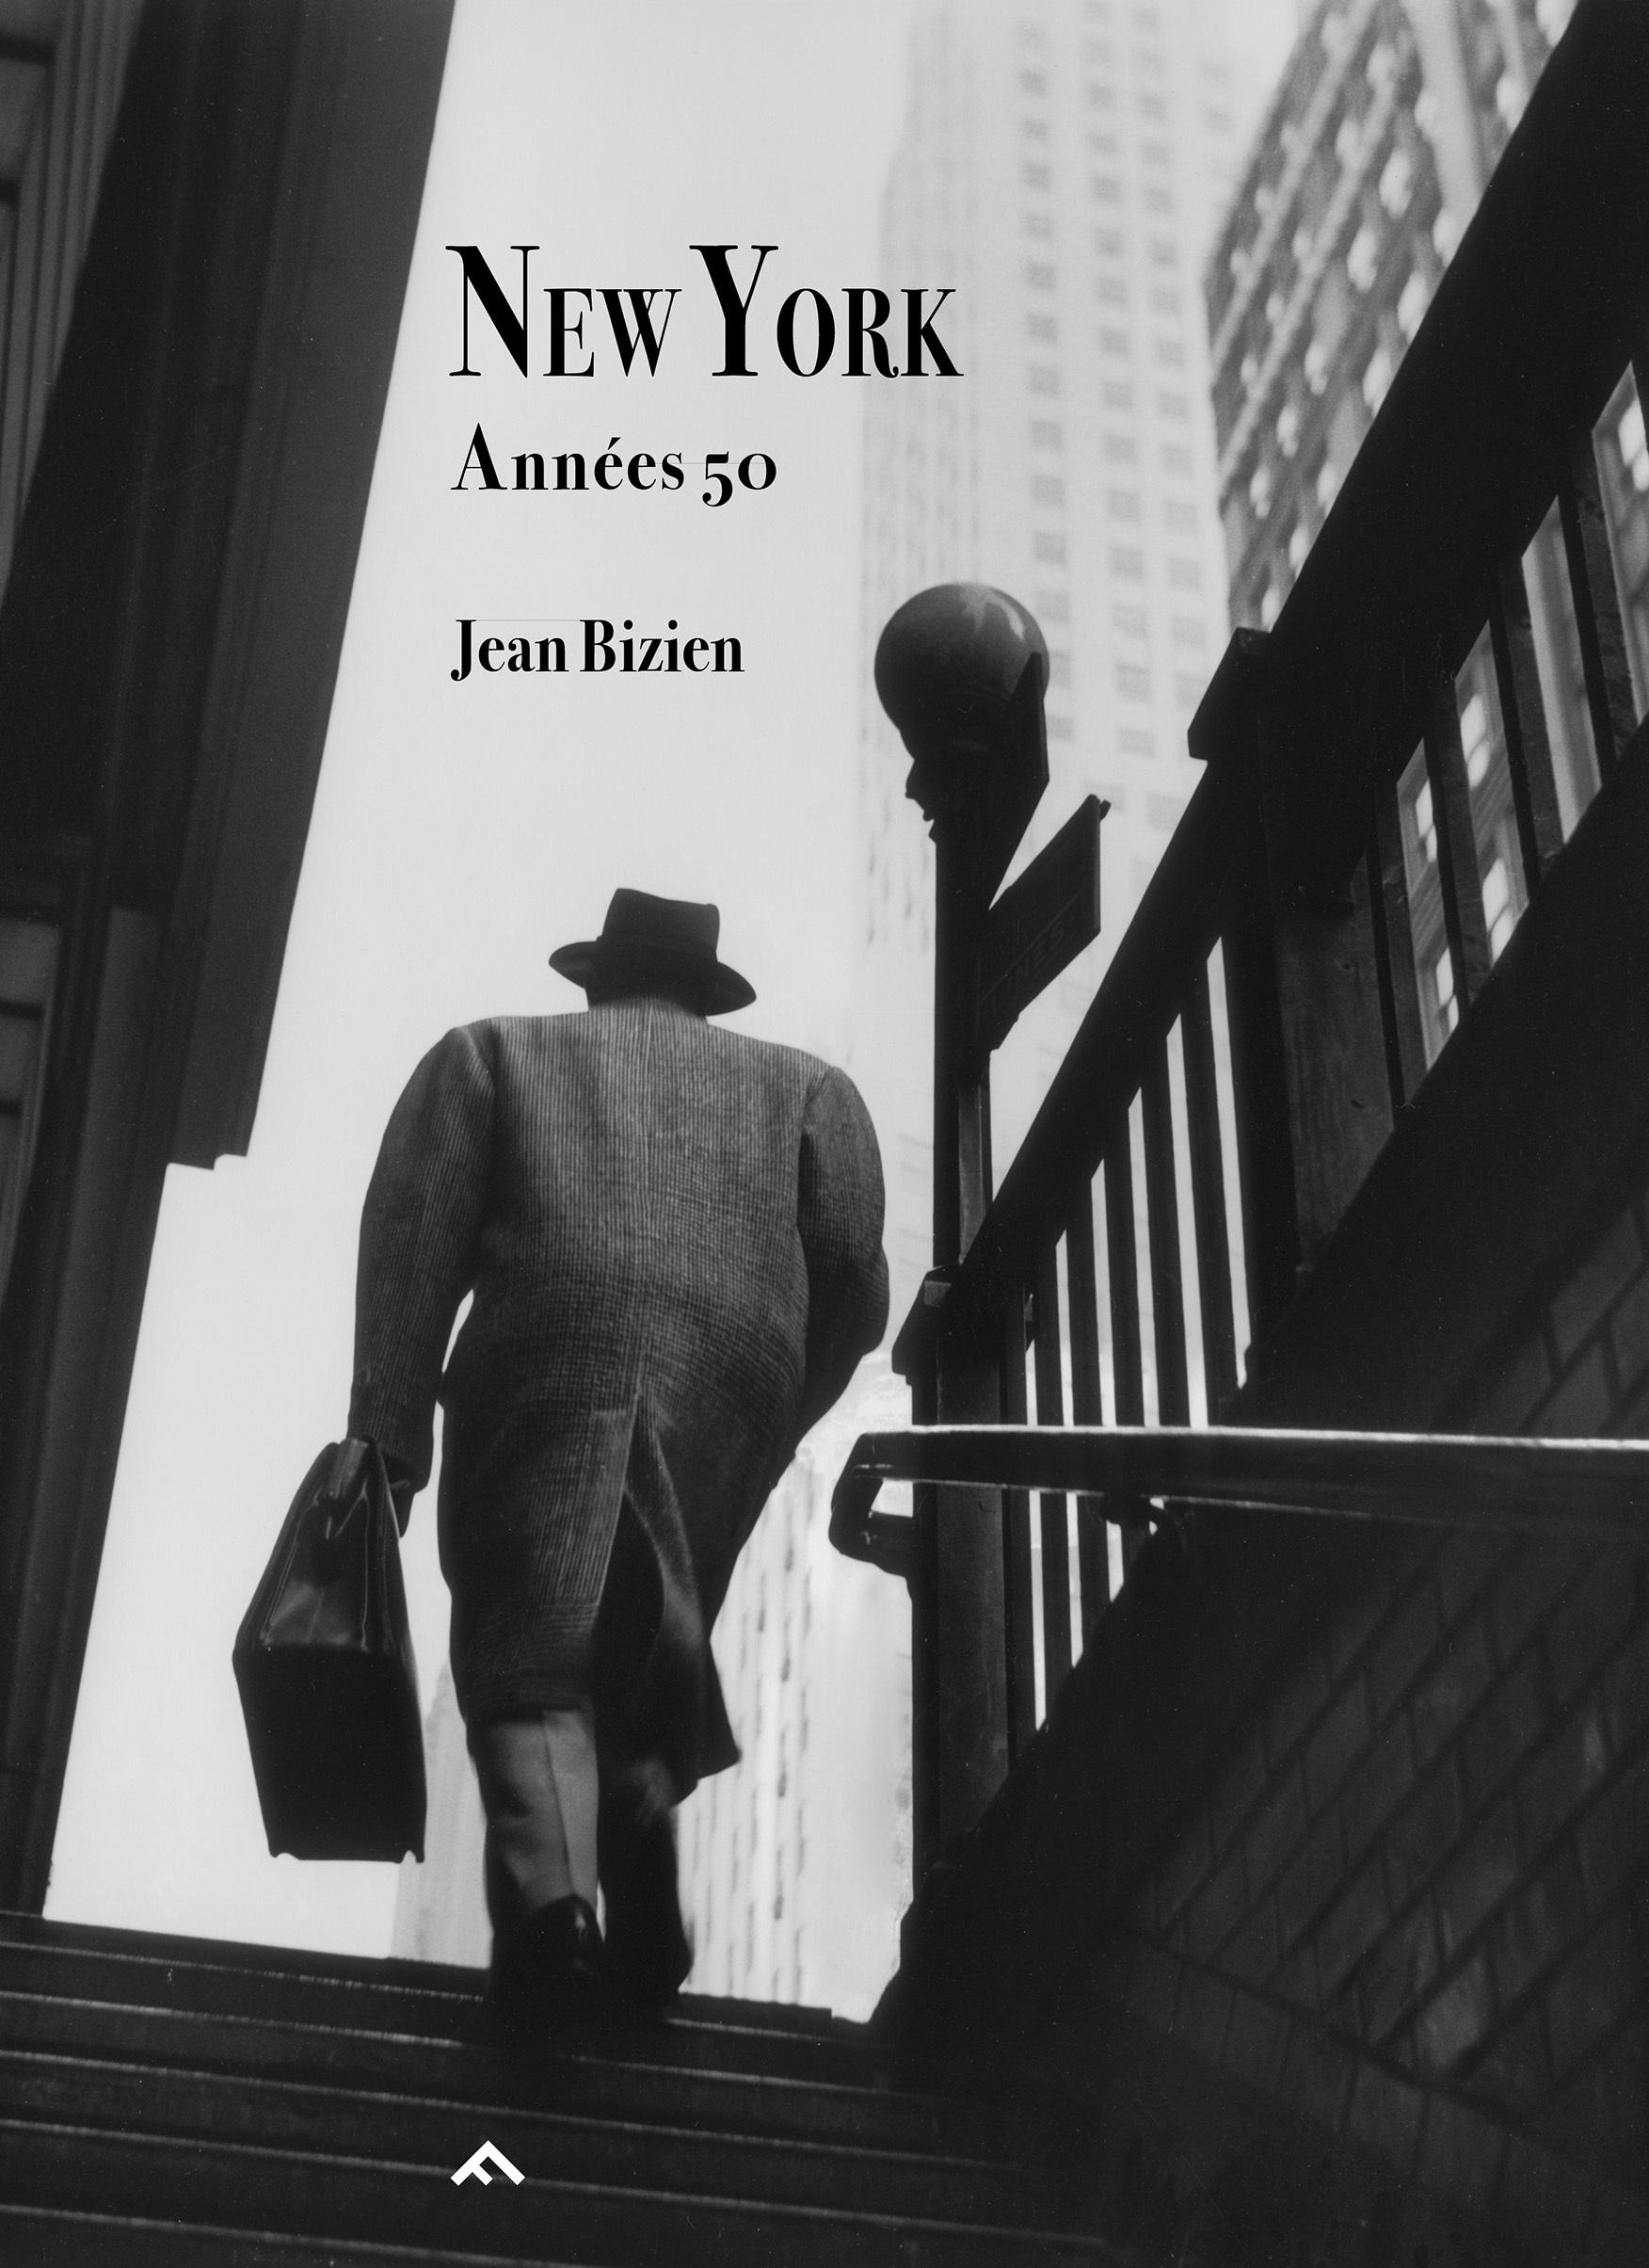 NEW YORK - ANNEES 50